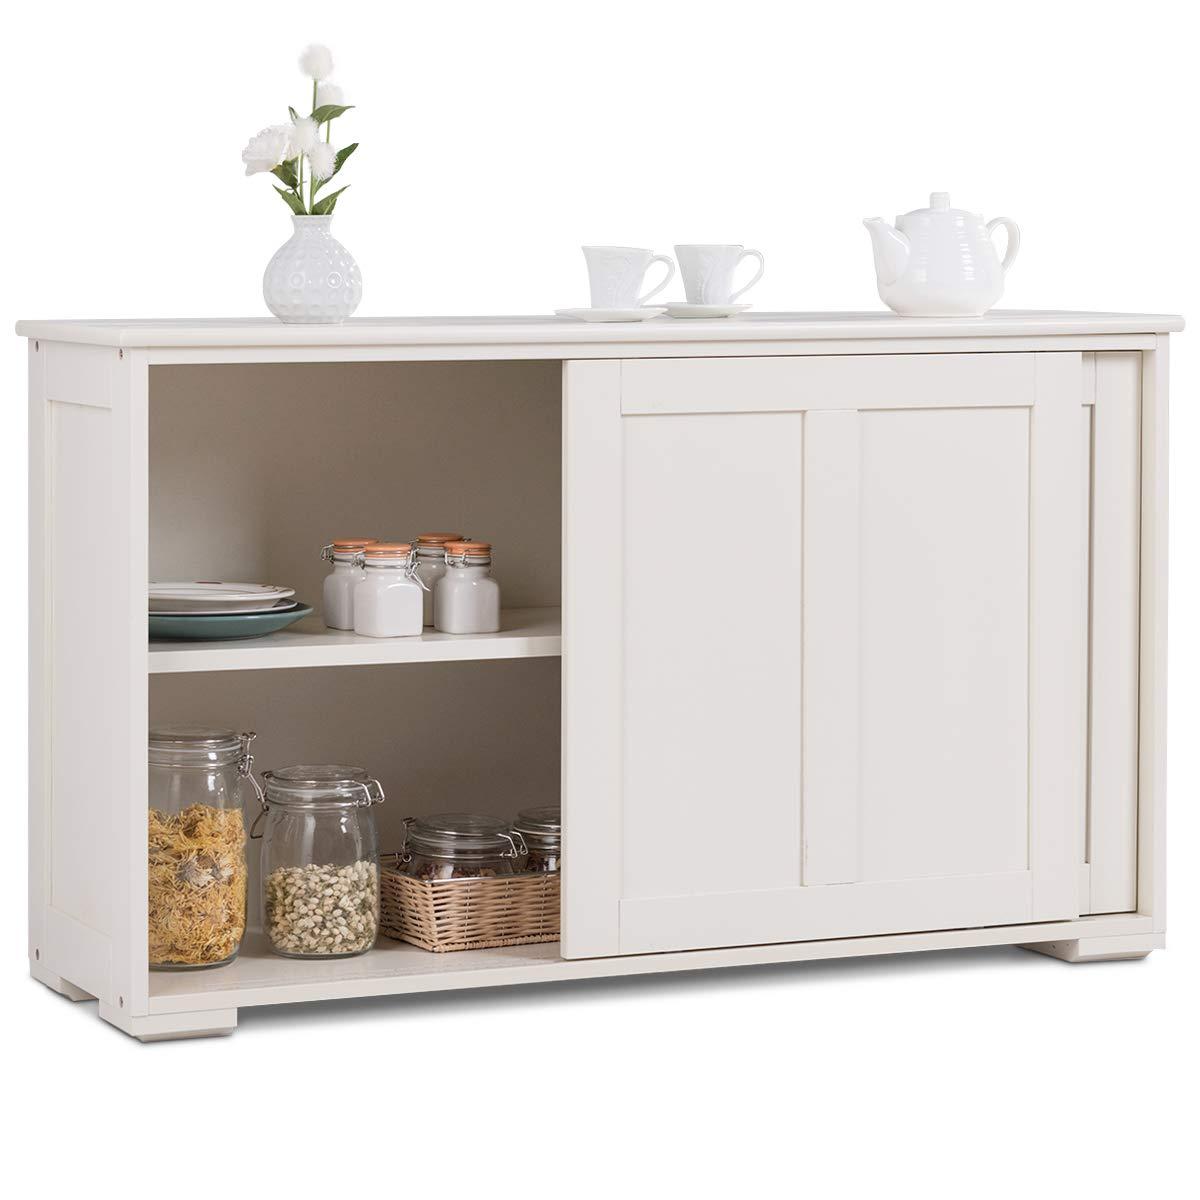 COSTWAY Armadietto da Cucina Mobiletto per Cucina Composto da Due Porte Scorrevoli Dimensioni Marrone//Bianco 106,7 x 33 x 62,5 cm Colore Disponibile Bianco